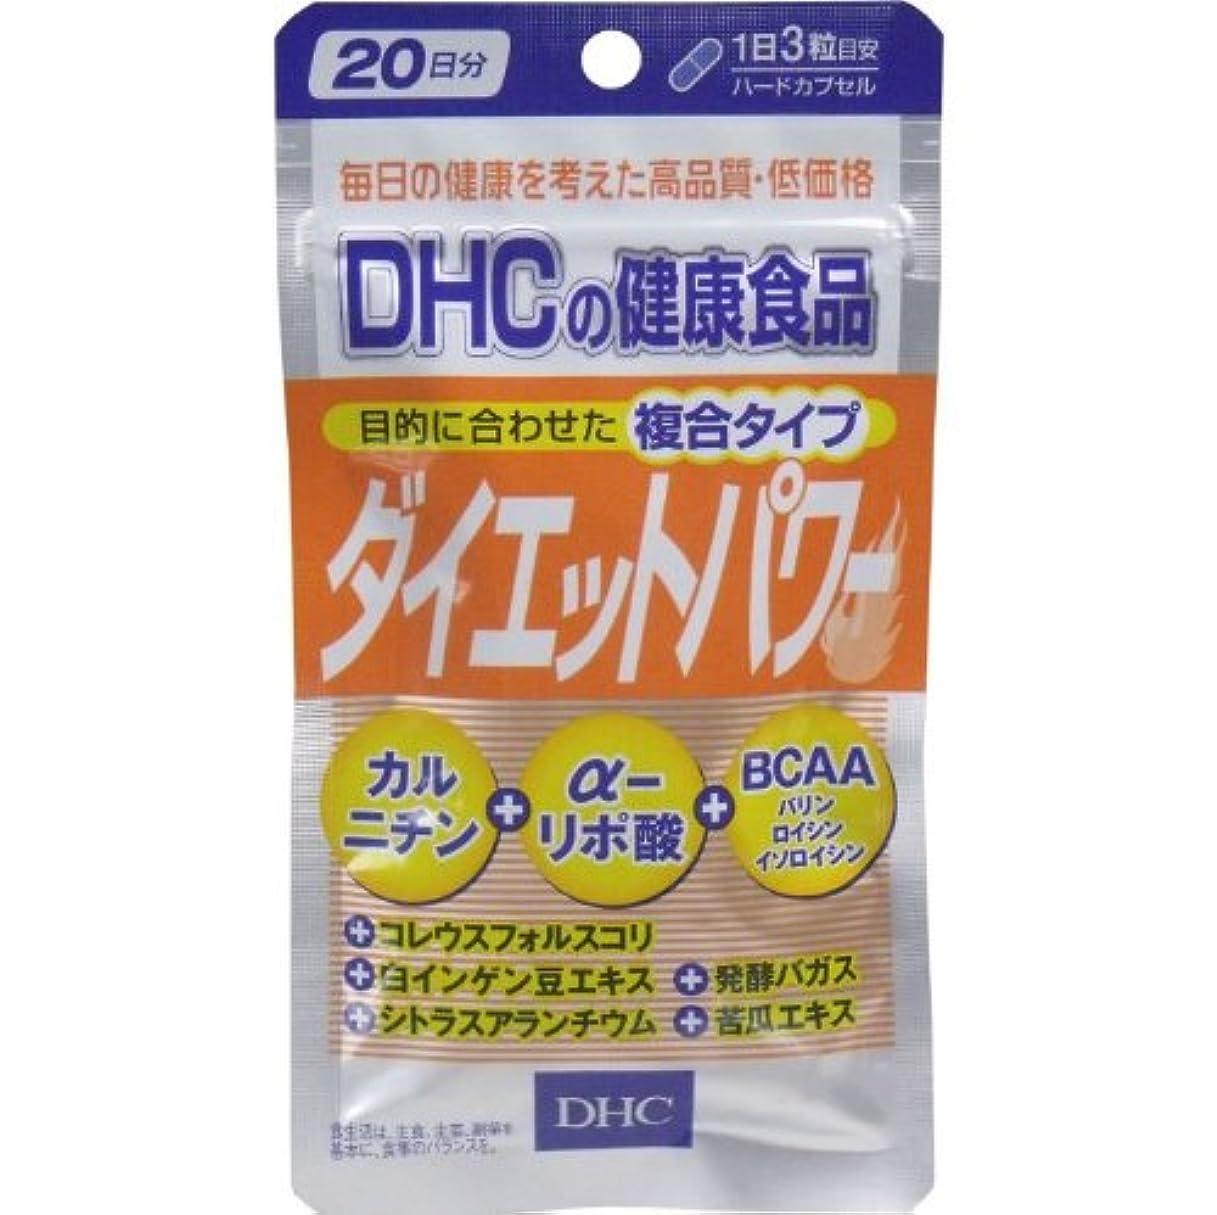 感情でるソースDHC ダイエットパワー 60粒入 20日分「5点セット」